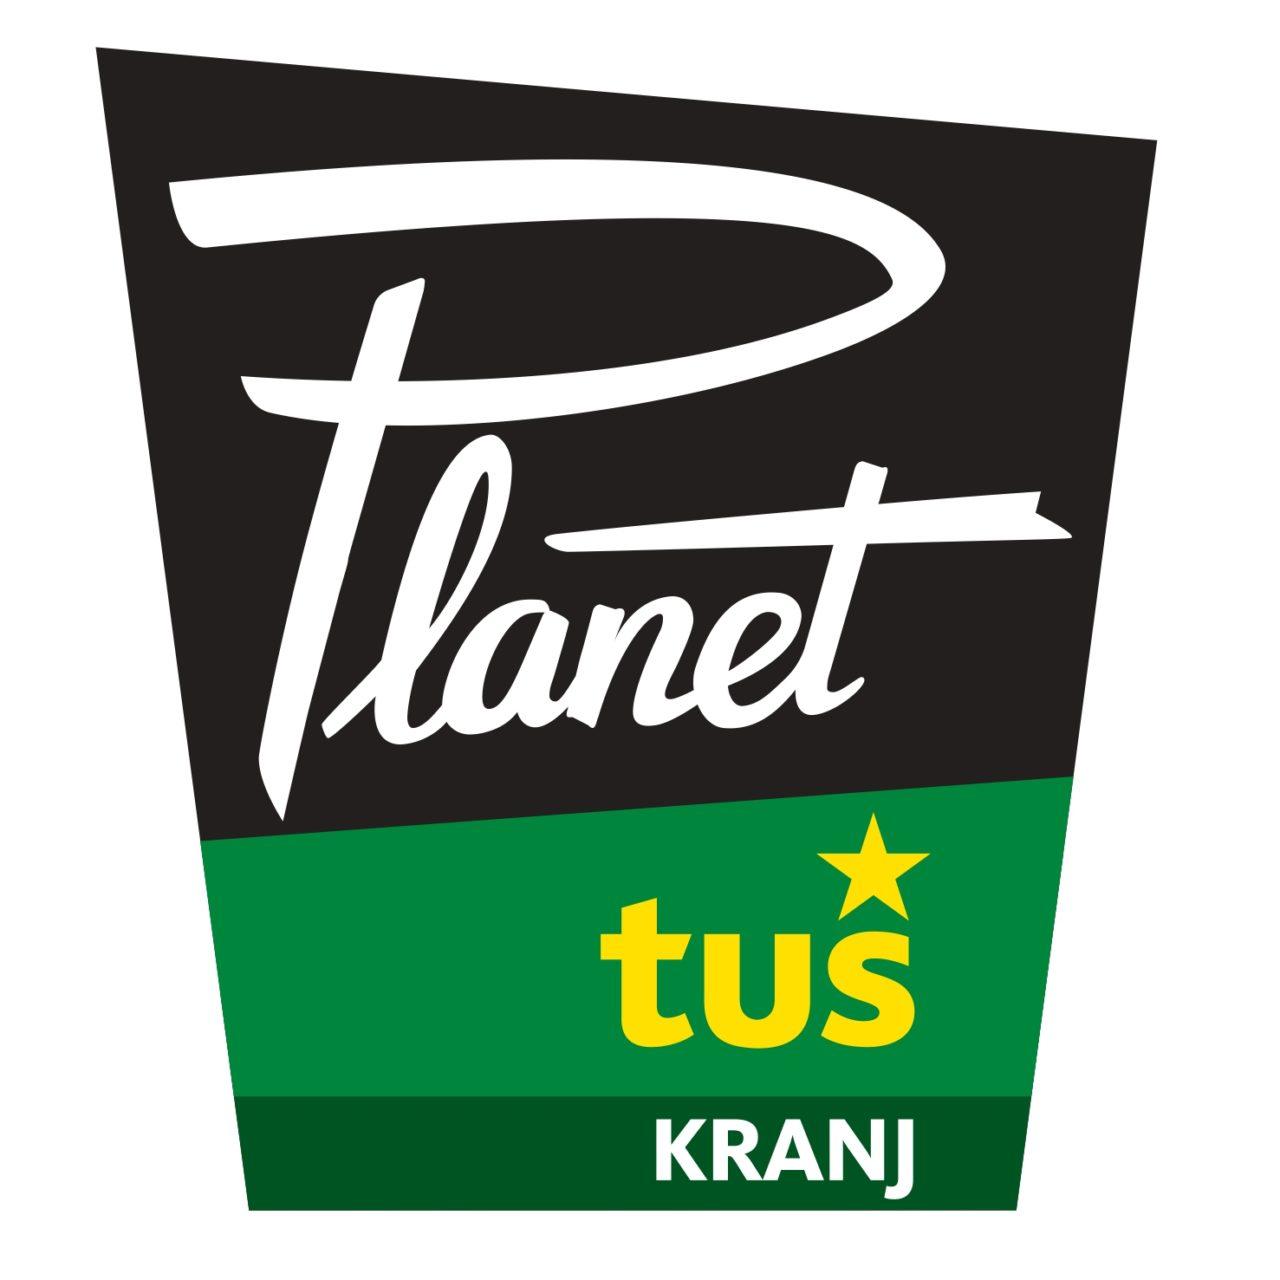 Planet Tuš Kranj